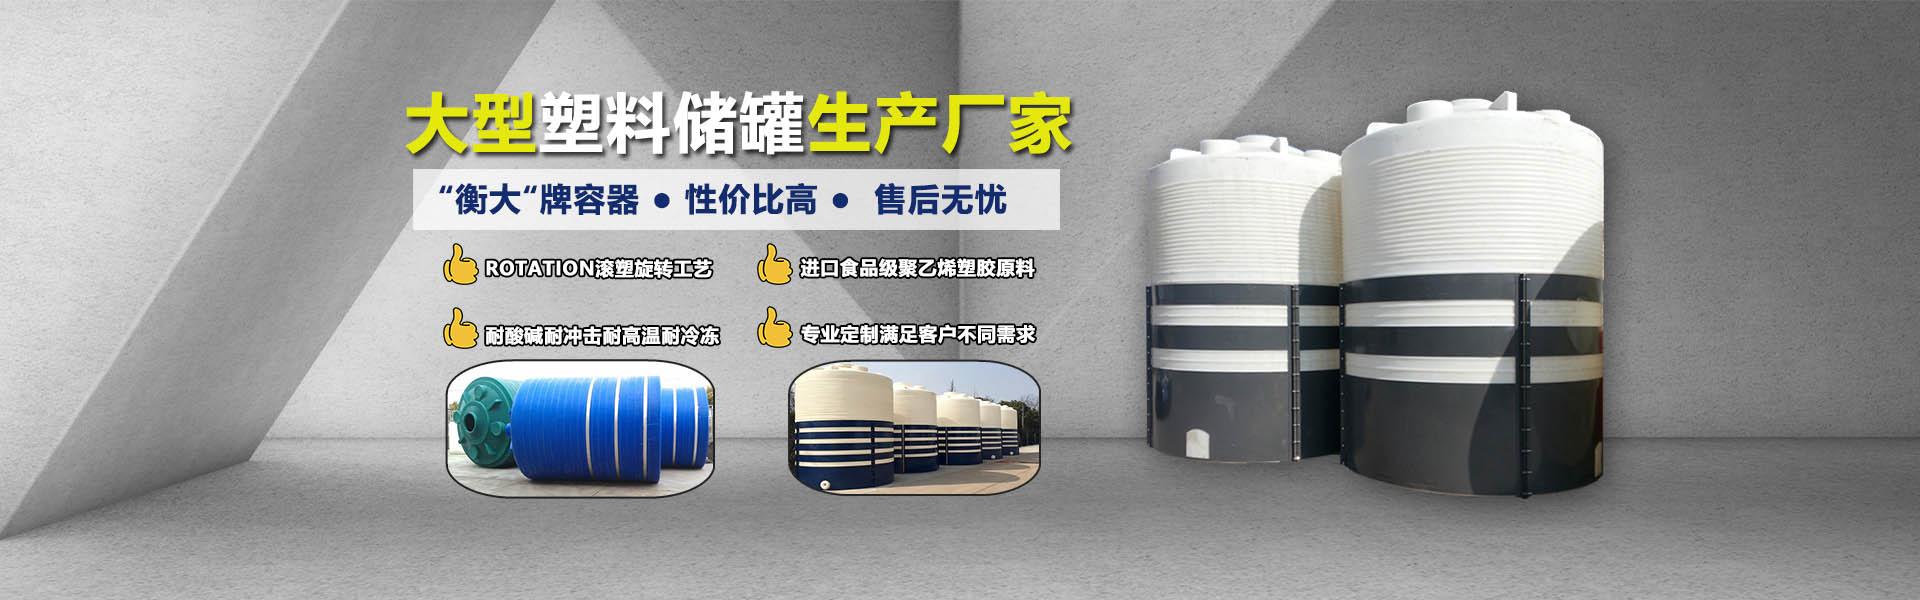 大型塑料儲罐生產廠家-衡大容器